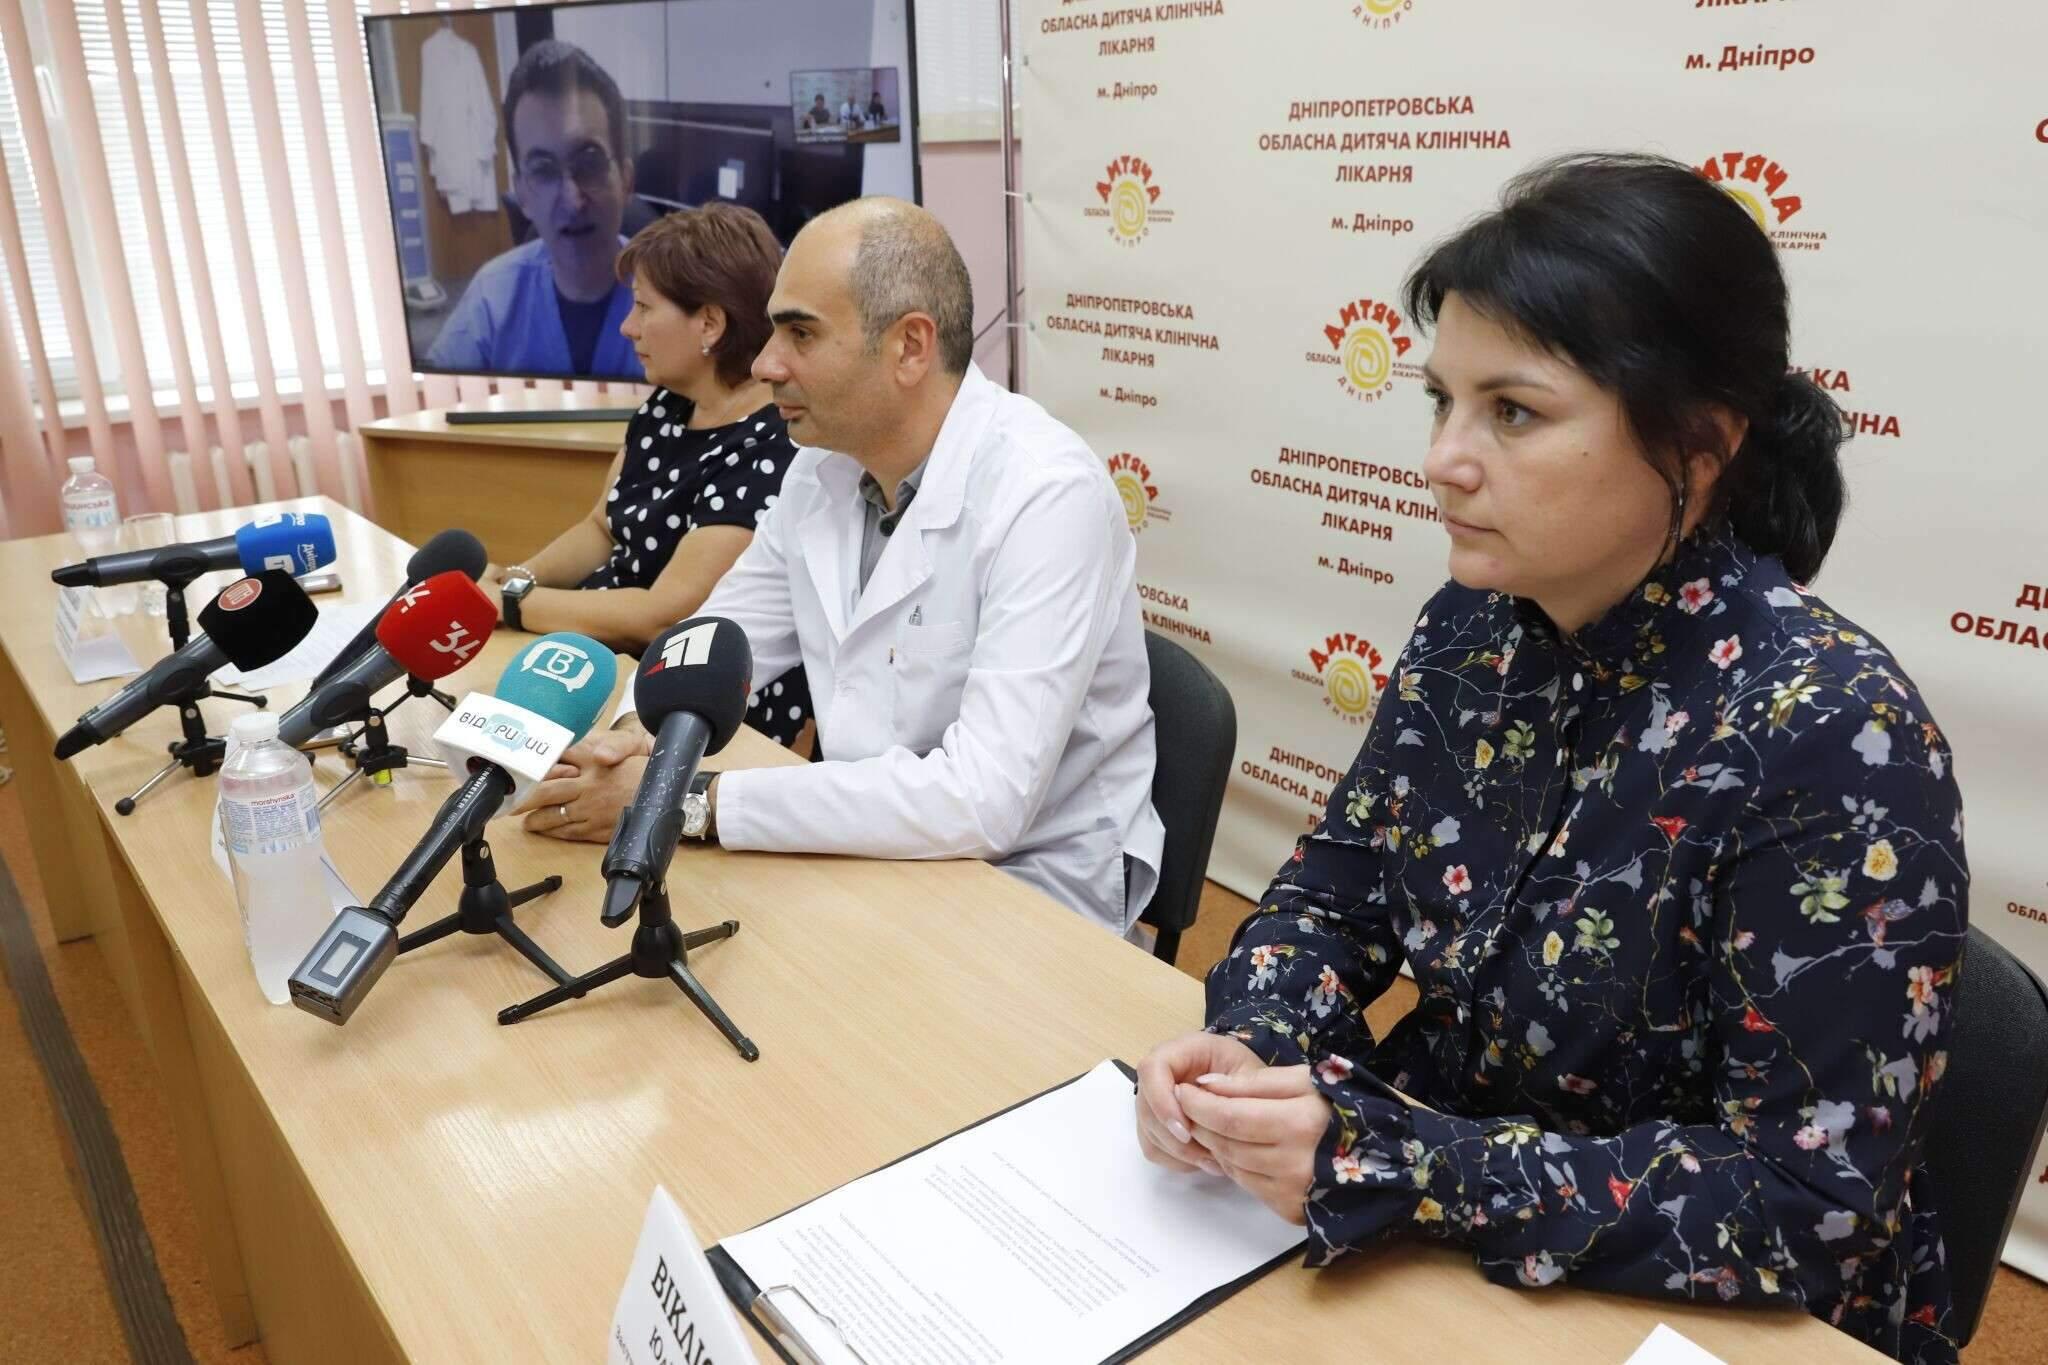 Американські хірурги Лікарі Опіки Операція безкоштовно 28 серпня 2021 Дніпро